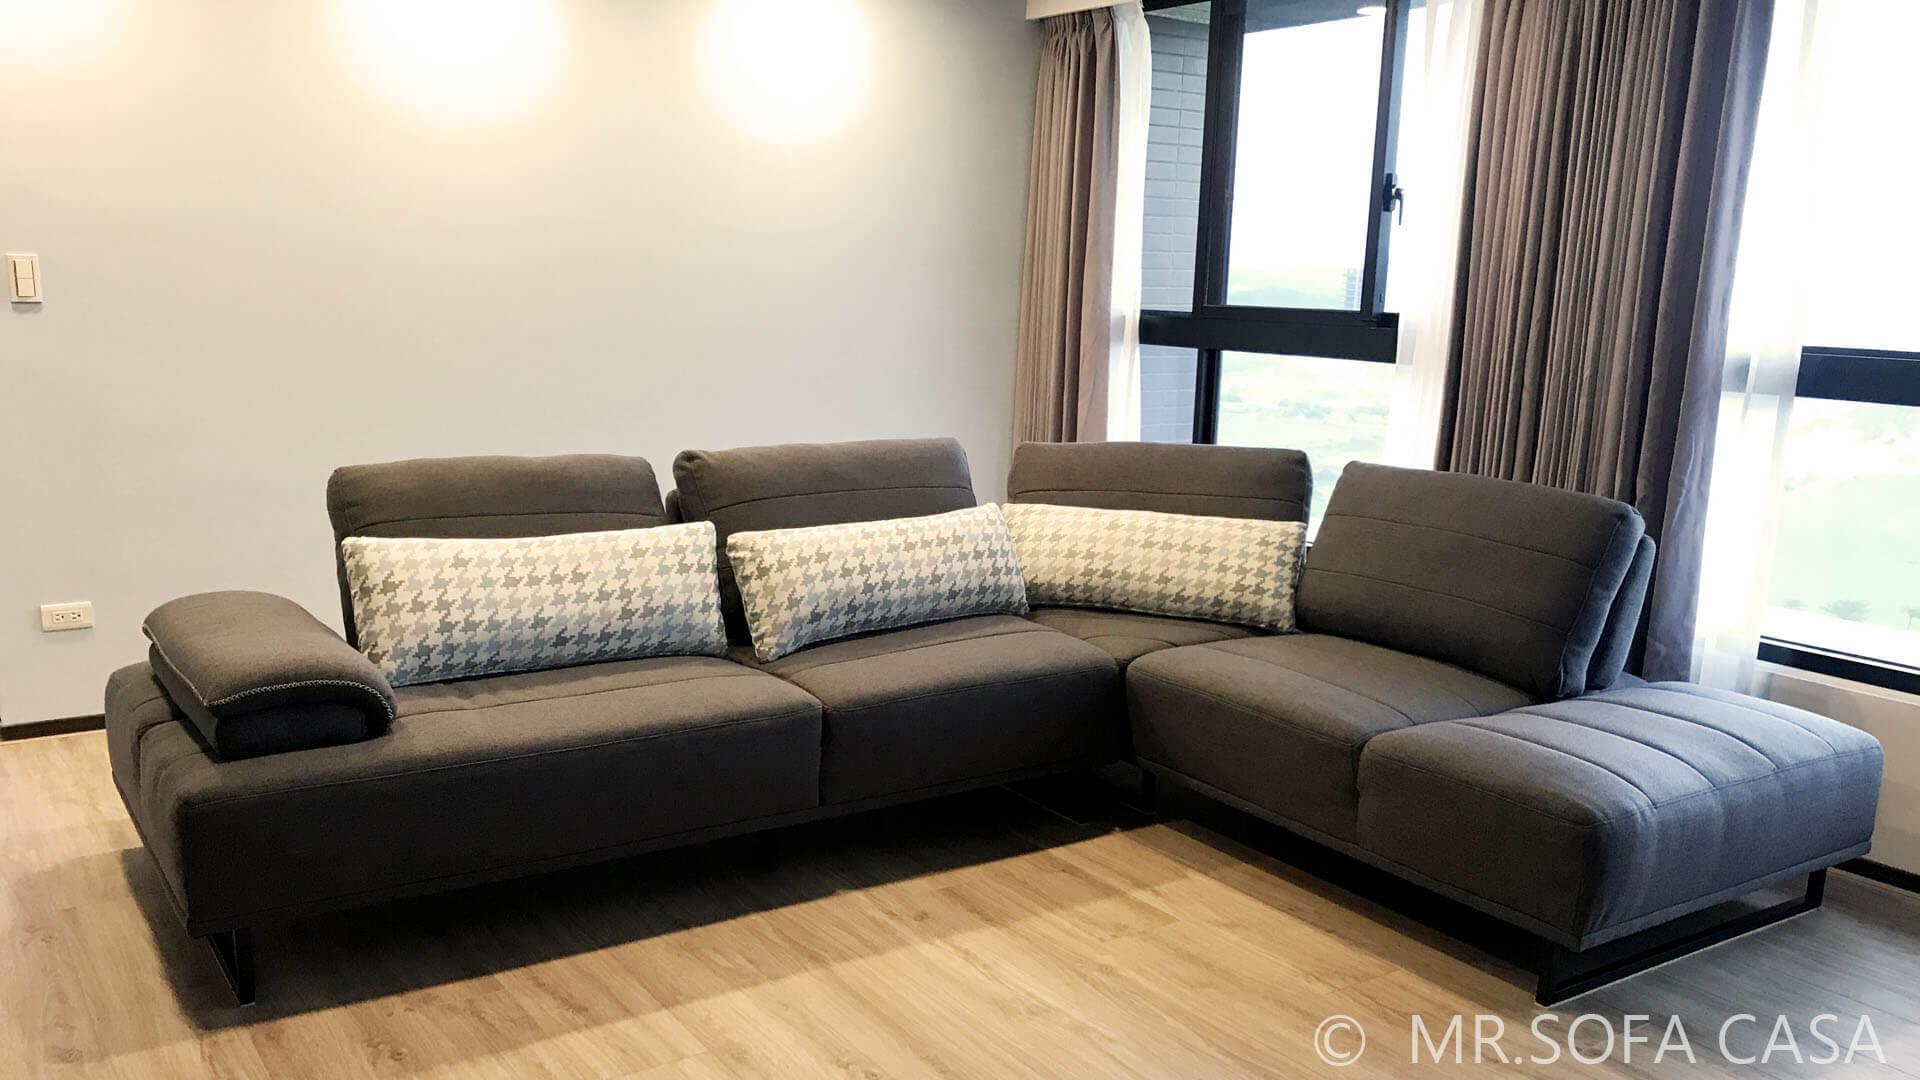 自己喜歡的沙發風格也需要衡量裝潢與家具是否合適